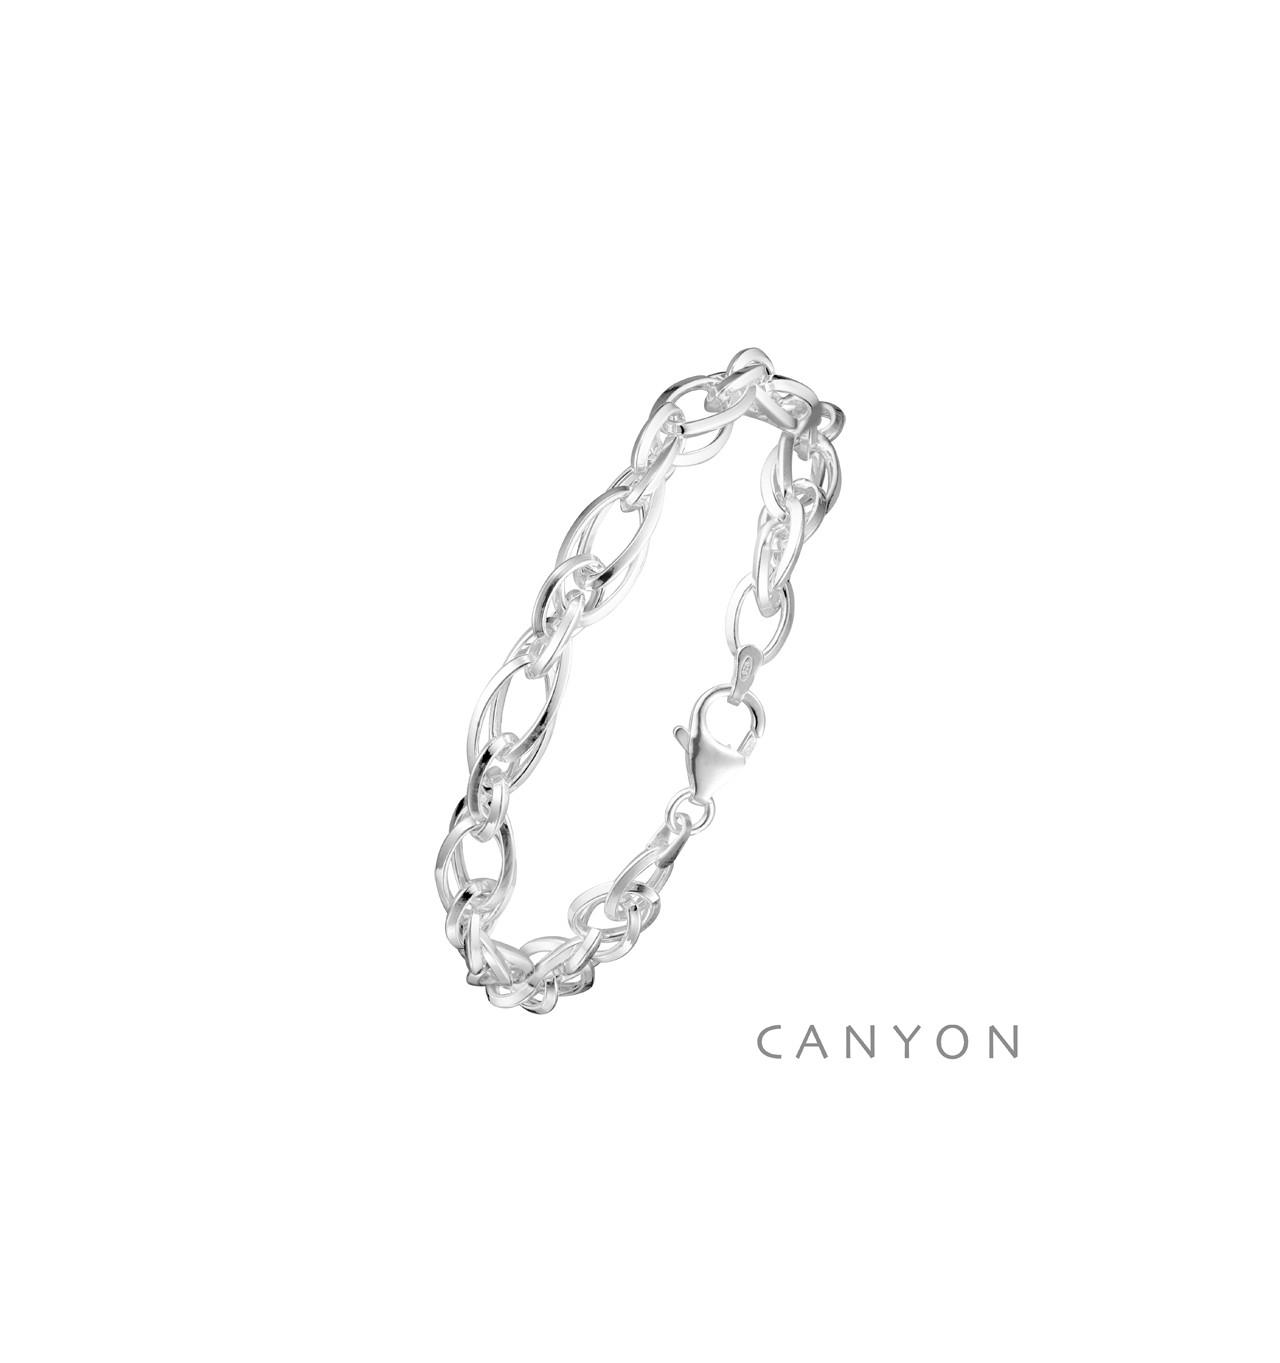 canyon-bracelet-argent-fins maillons-bijoux totem